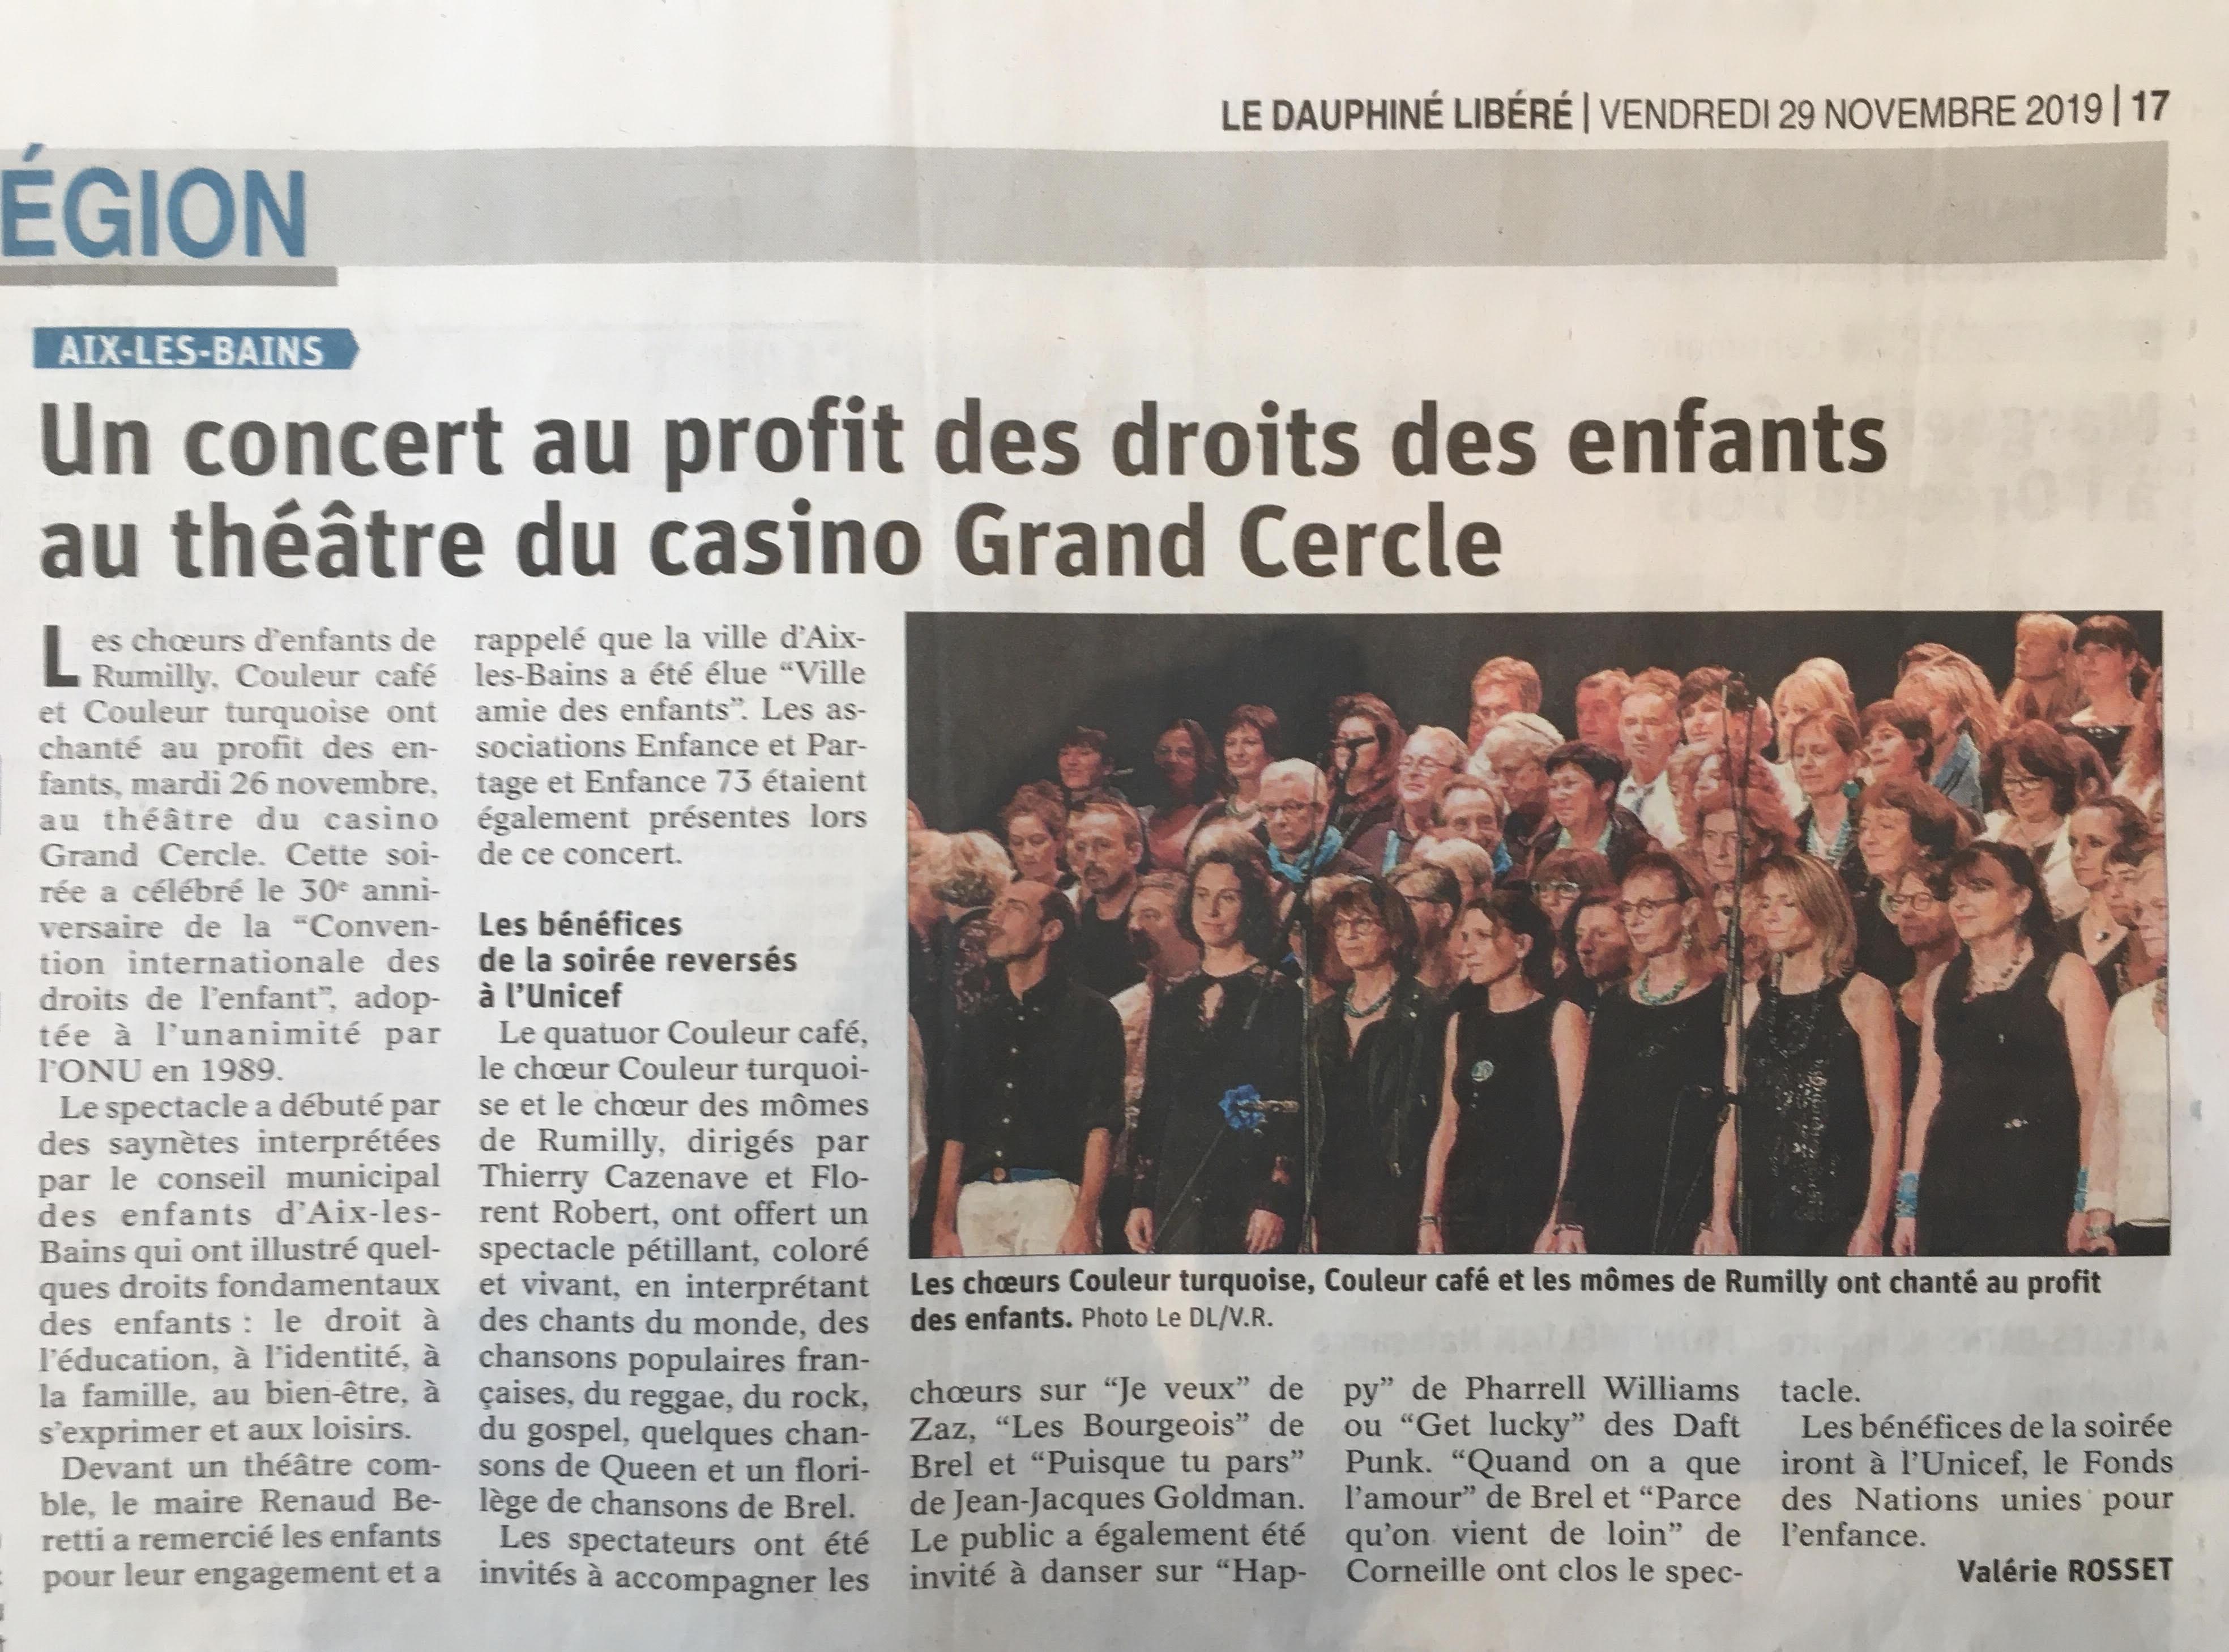 26/11/2019 Aix-les-Bains